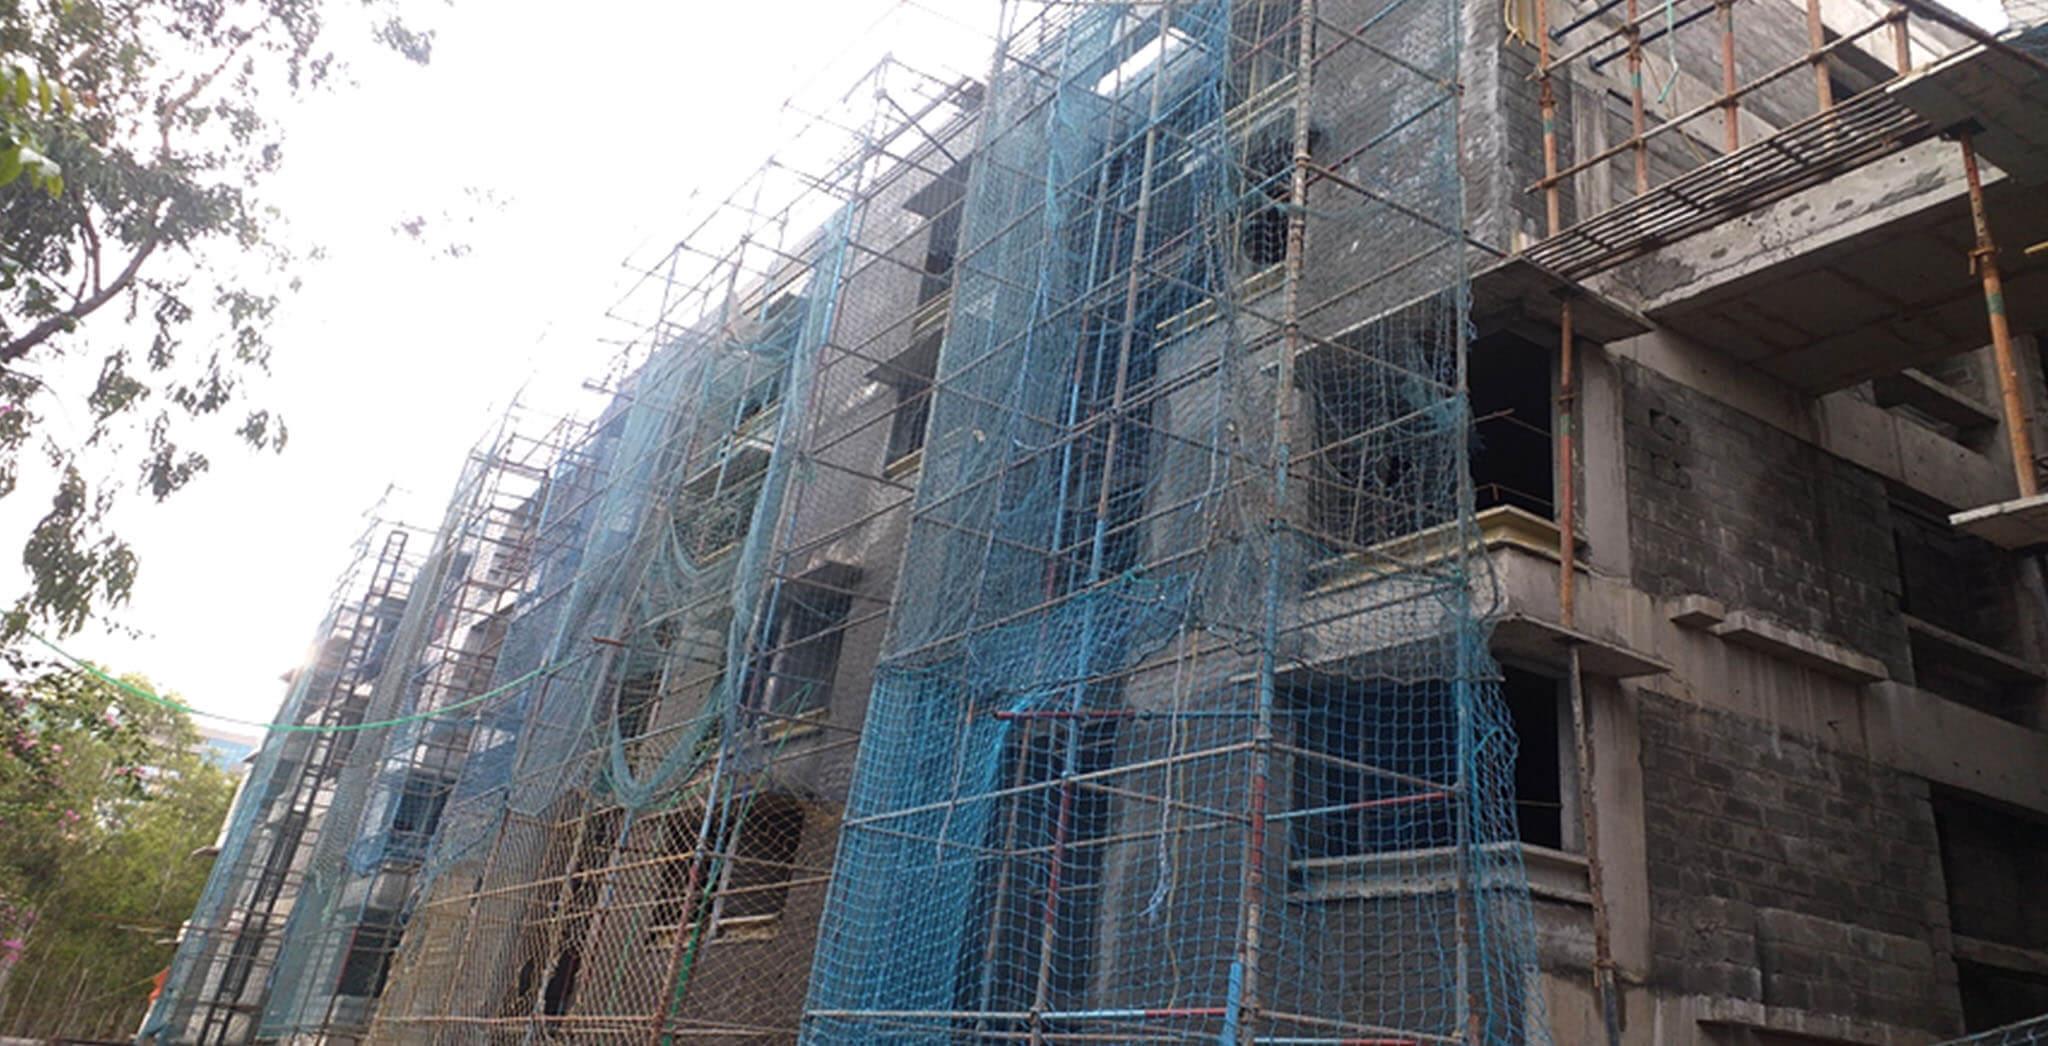 Jul 2020 - South side view: K Block–internal flat plastering completed, corridor plastering work-in-progress; External plastering work-in-progress.